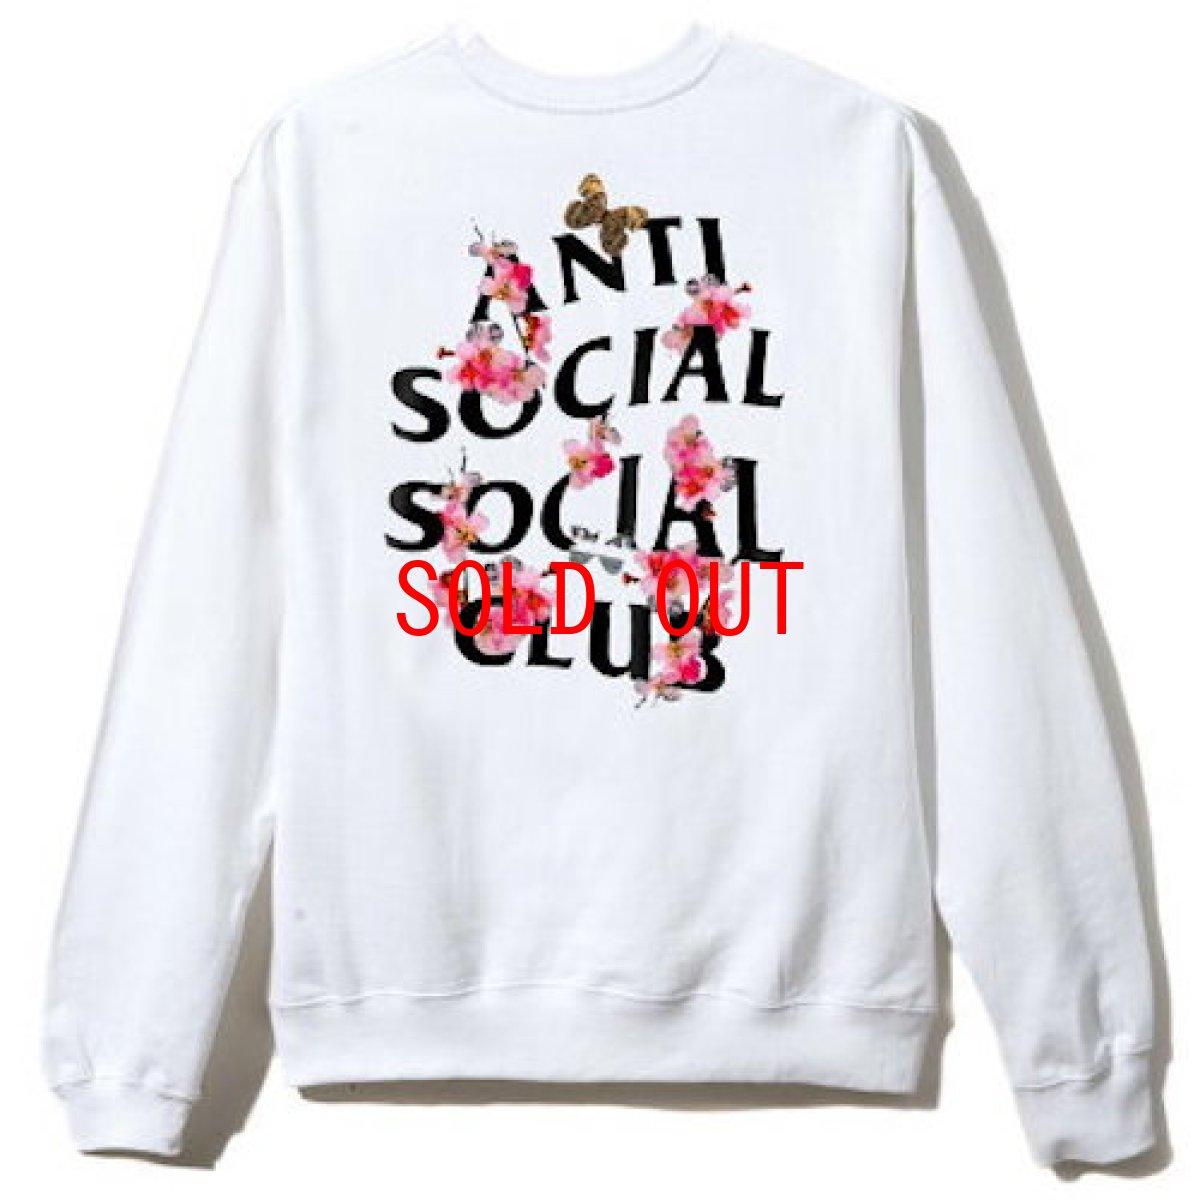 画像1: Anti Social Social Club(アンチ ソーシャル ソーシャル クラブ)KKOCH Crew Neck Sweat White Logo ロゴ クルーネック スウェット (1)